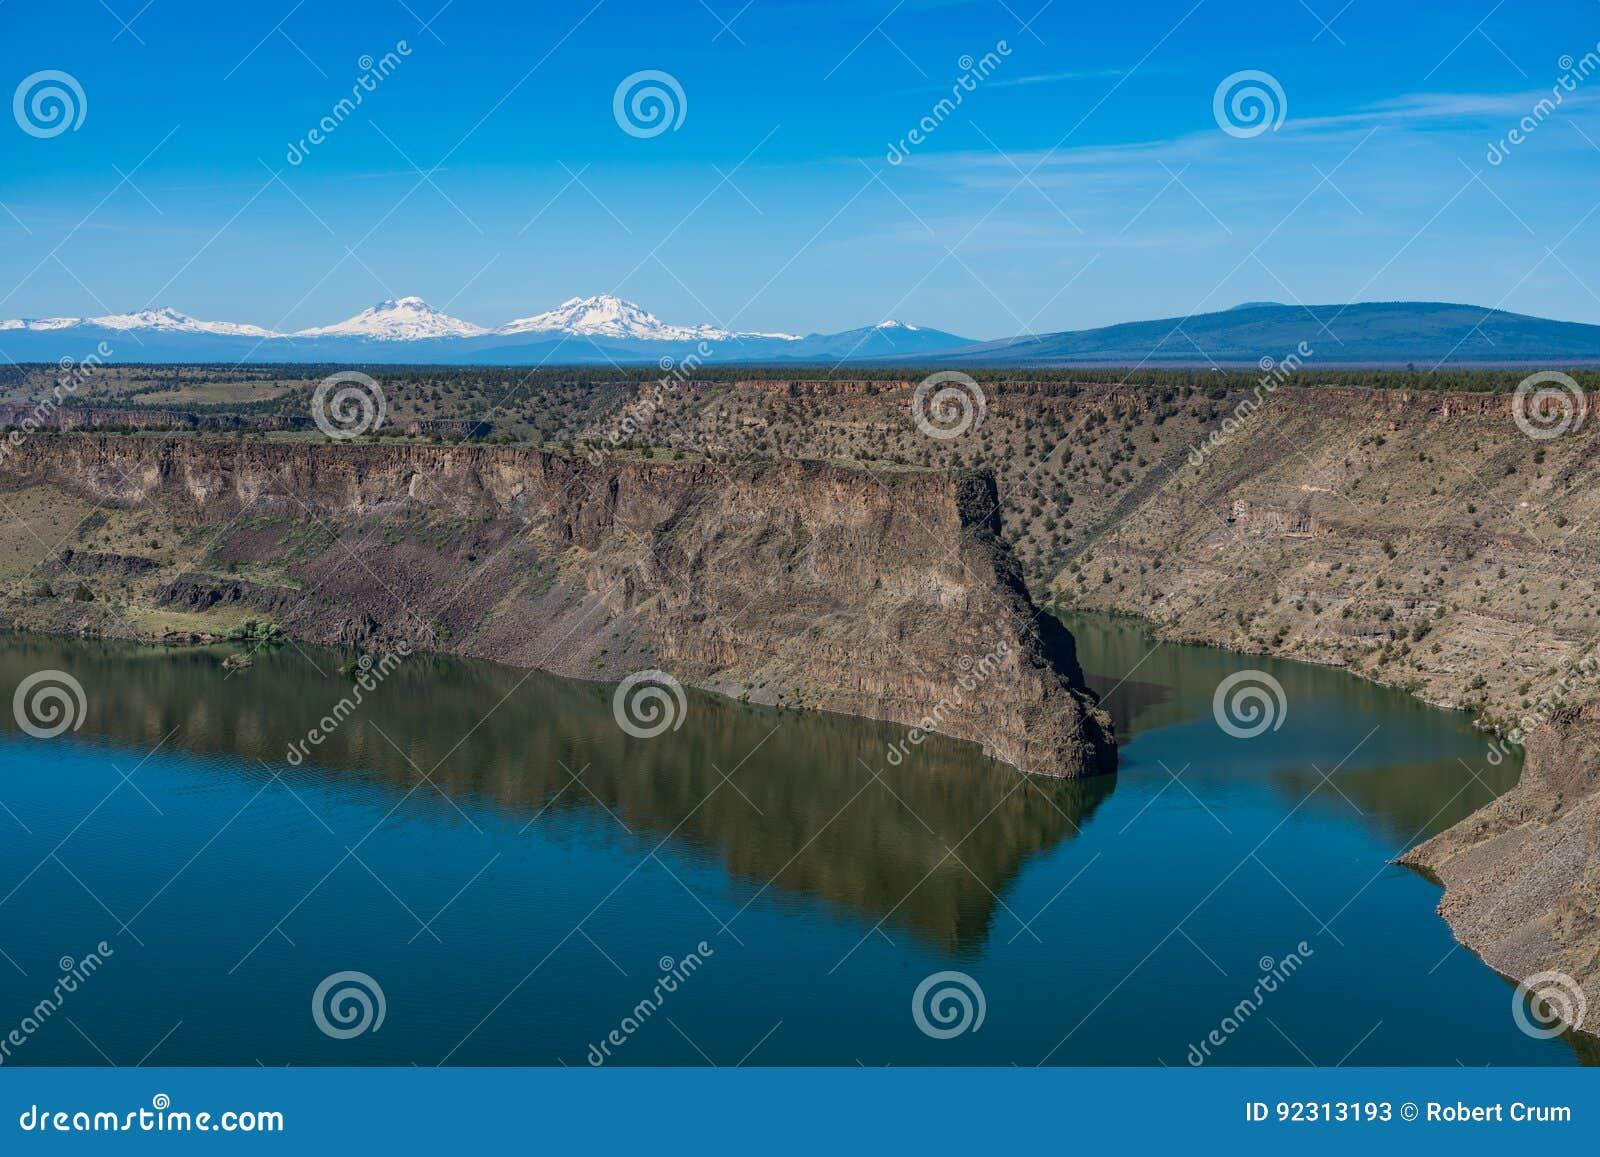 Резервуар чинука Билли озера в центральной пустыне Орегона высокой